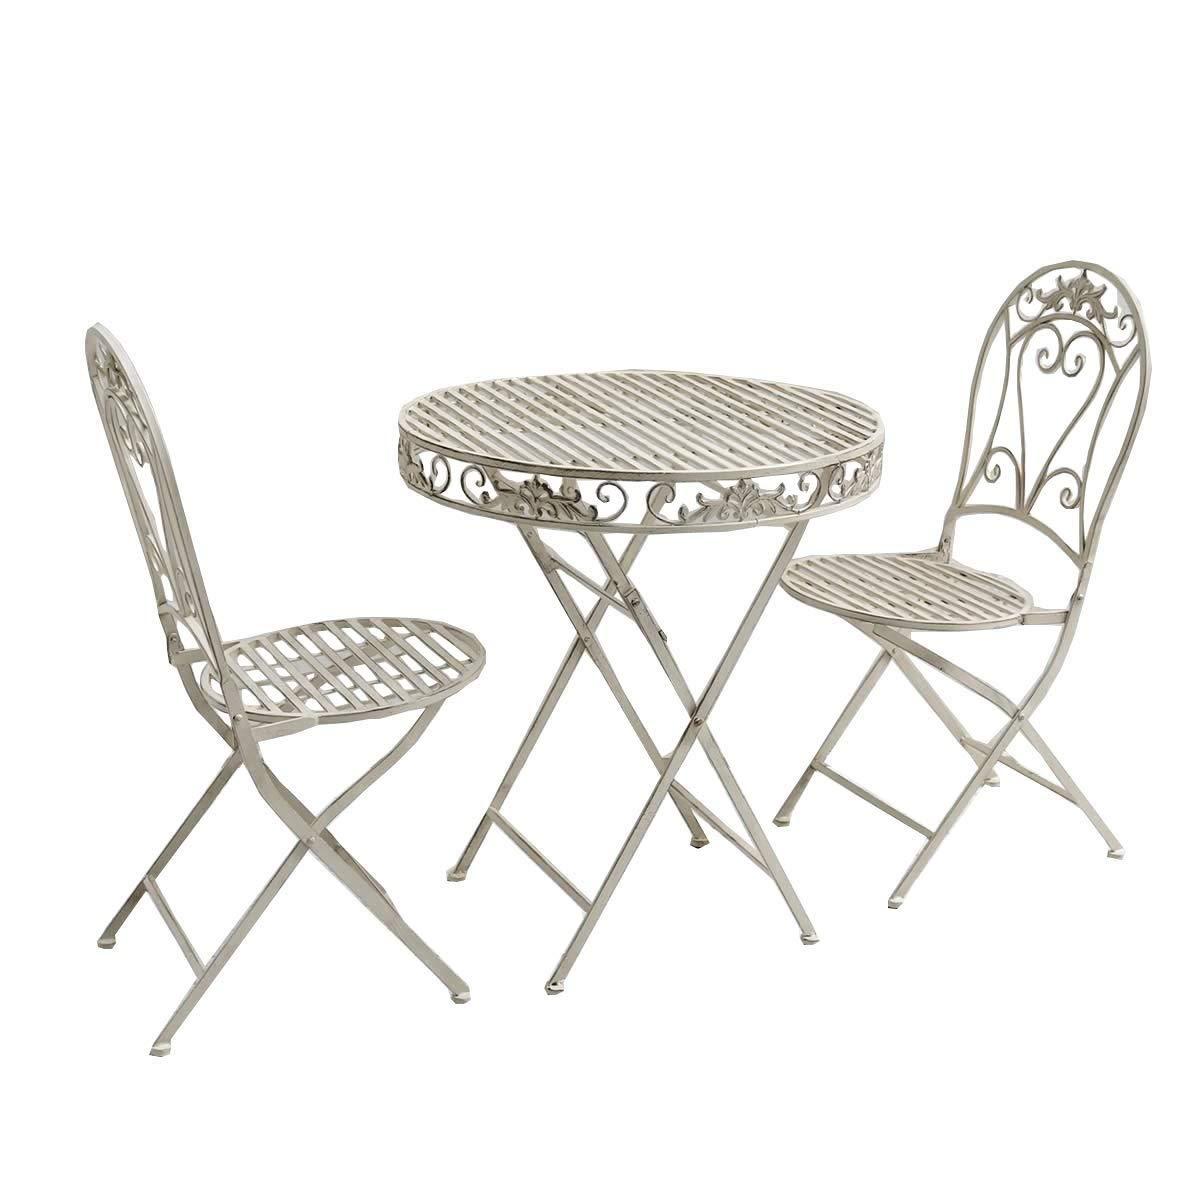 ガーデンテーブル 3点セット 折りたたみ 2人用 アンティーク アイアン ホワイト B07G7Z49N3 ホワイト